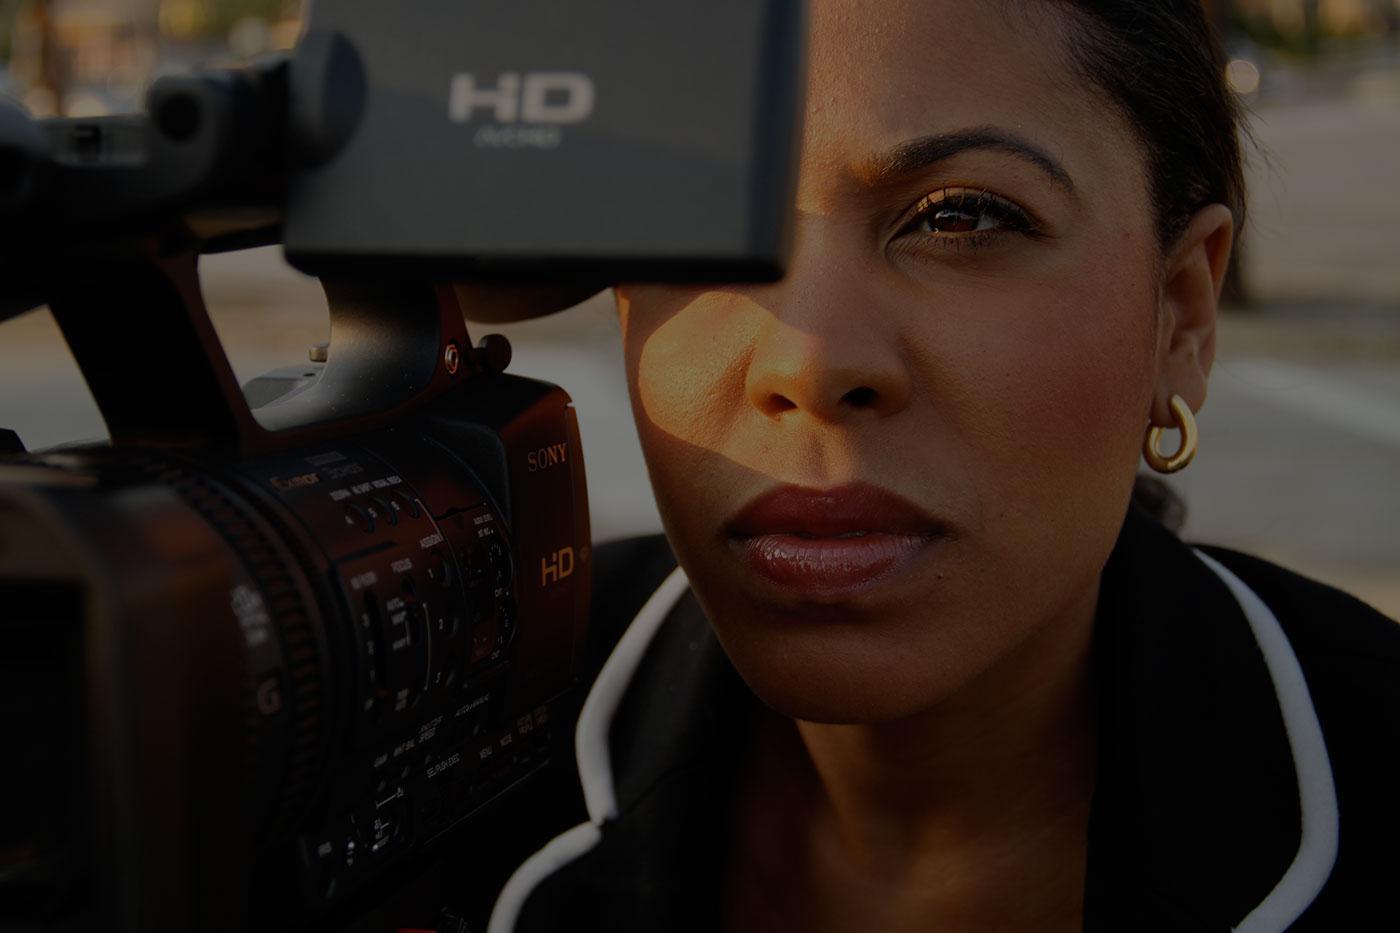 Lindsey Granger, filming, on set